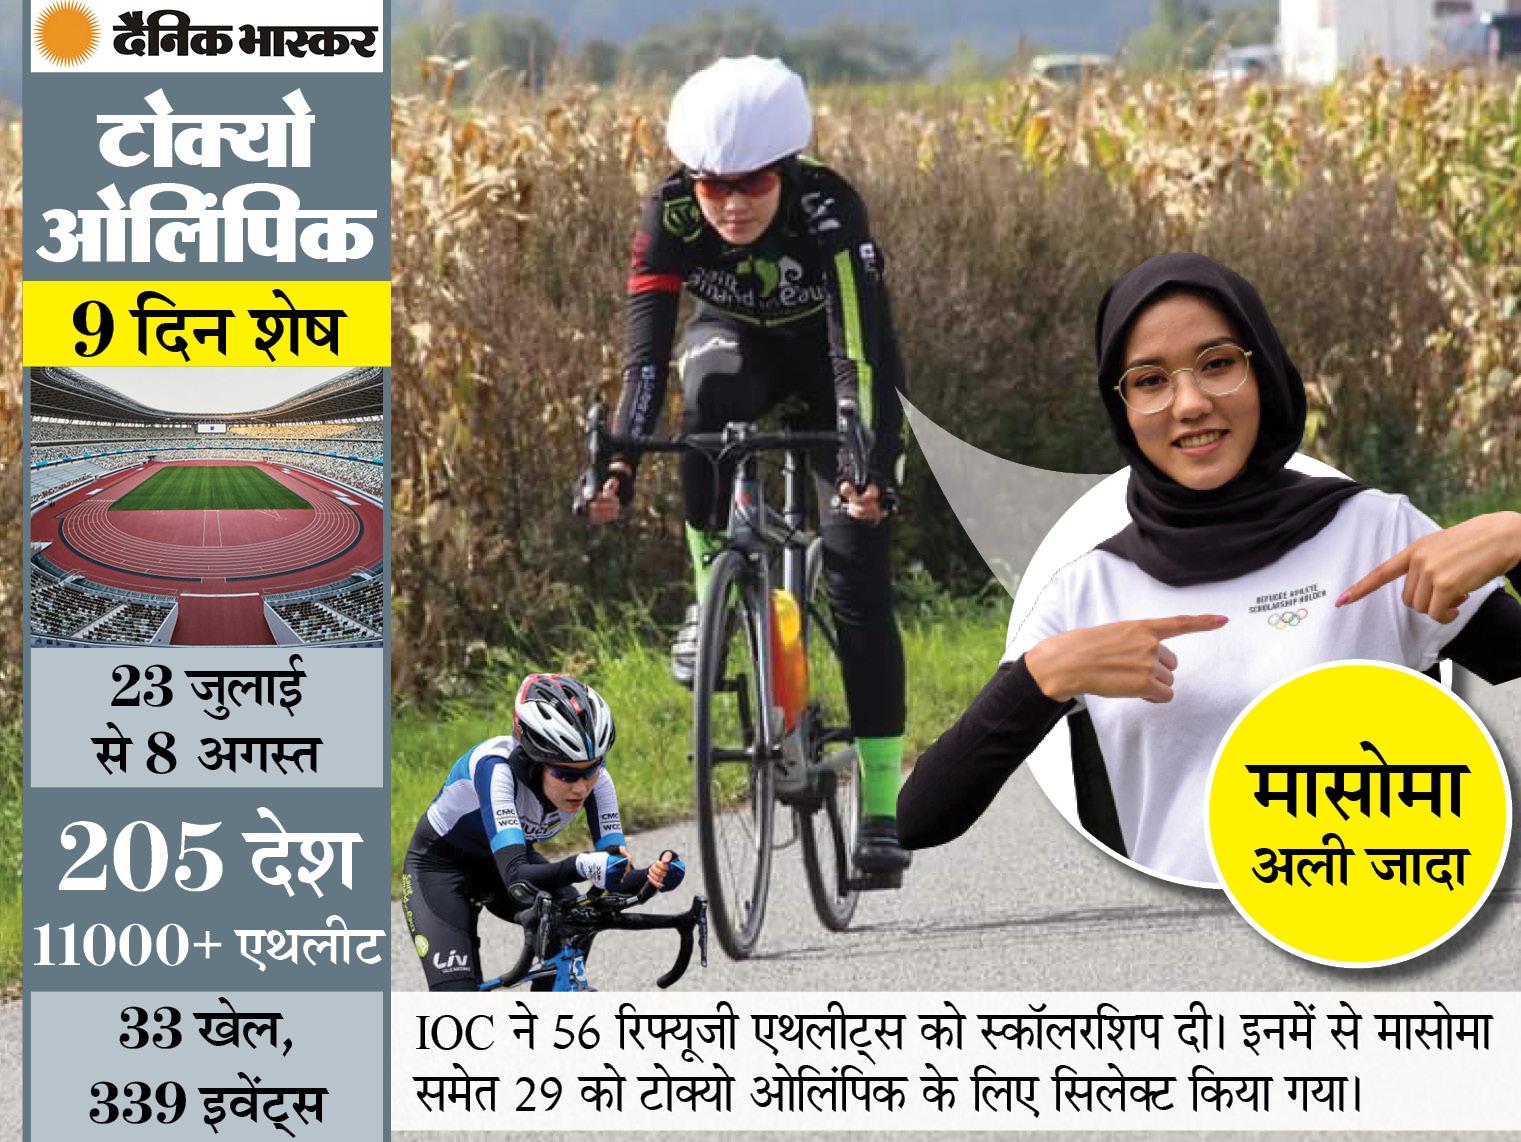 तालिबानियों ने हमला किया, शादी का दबाव बनाया, लेकिन हार नहीं मानी; अब टोक्यो ओलिंपिक में रेस लगाएगी स्पोर्ट्स,Sports - Dainik Bhaskar